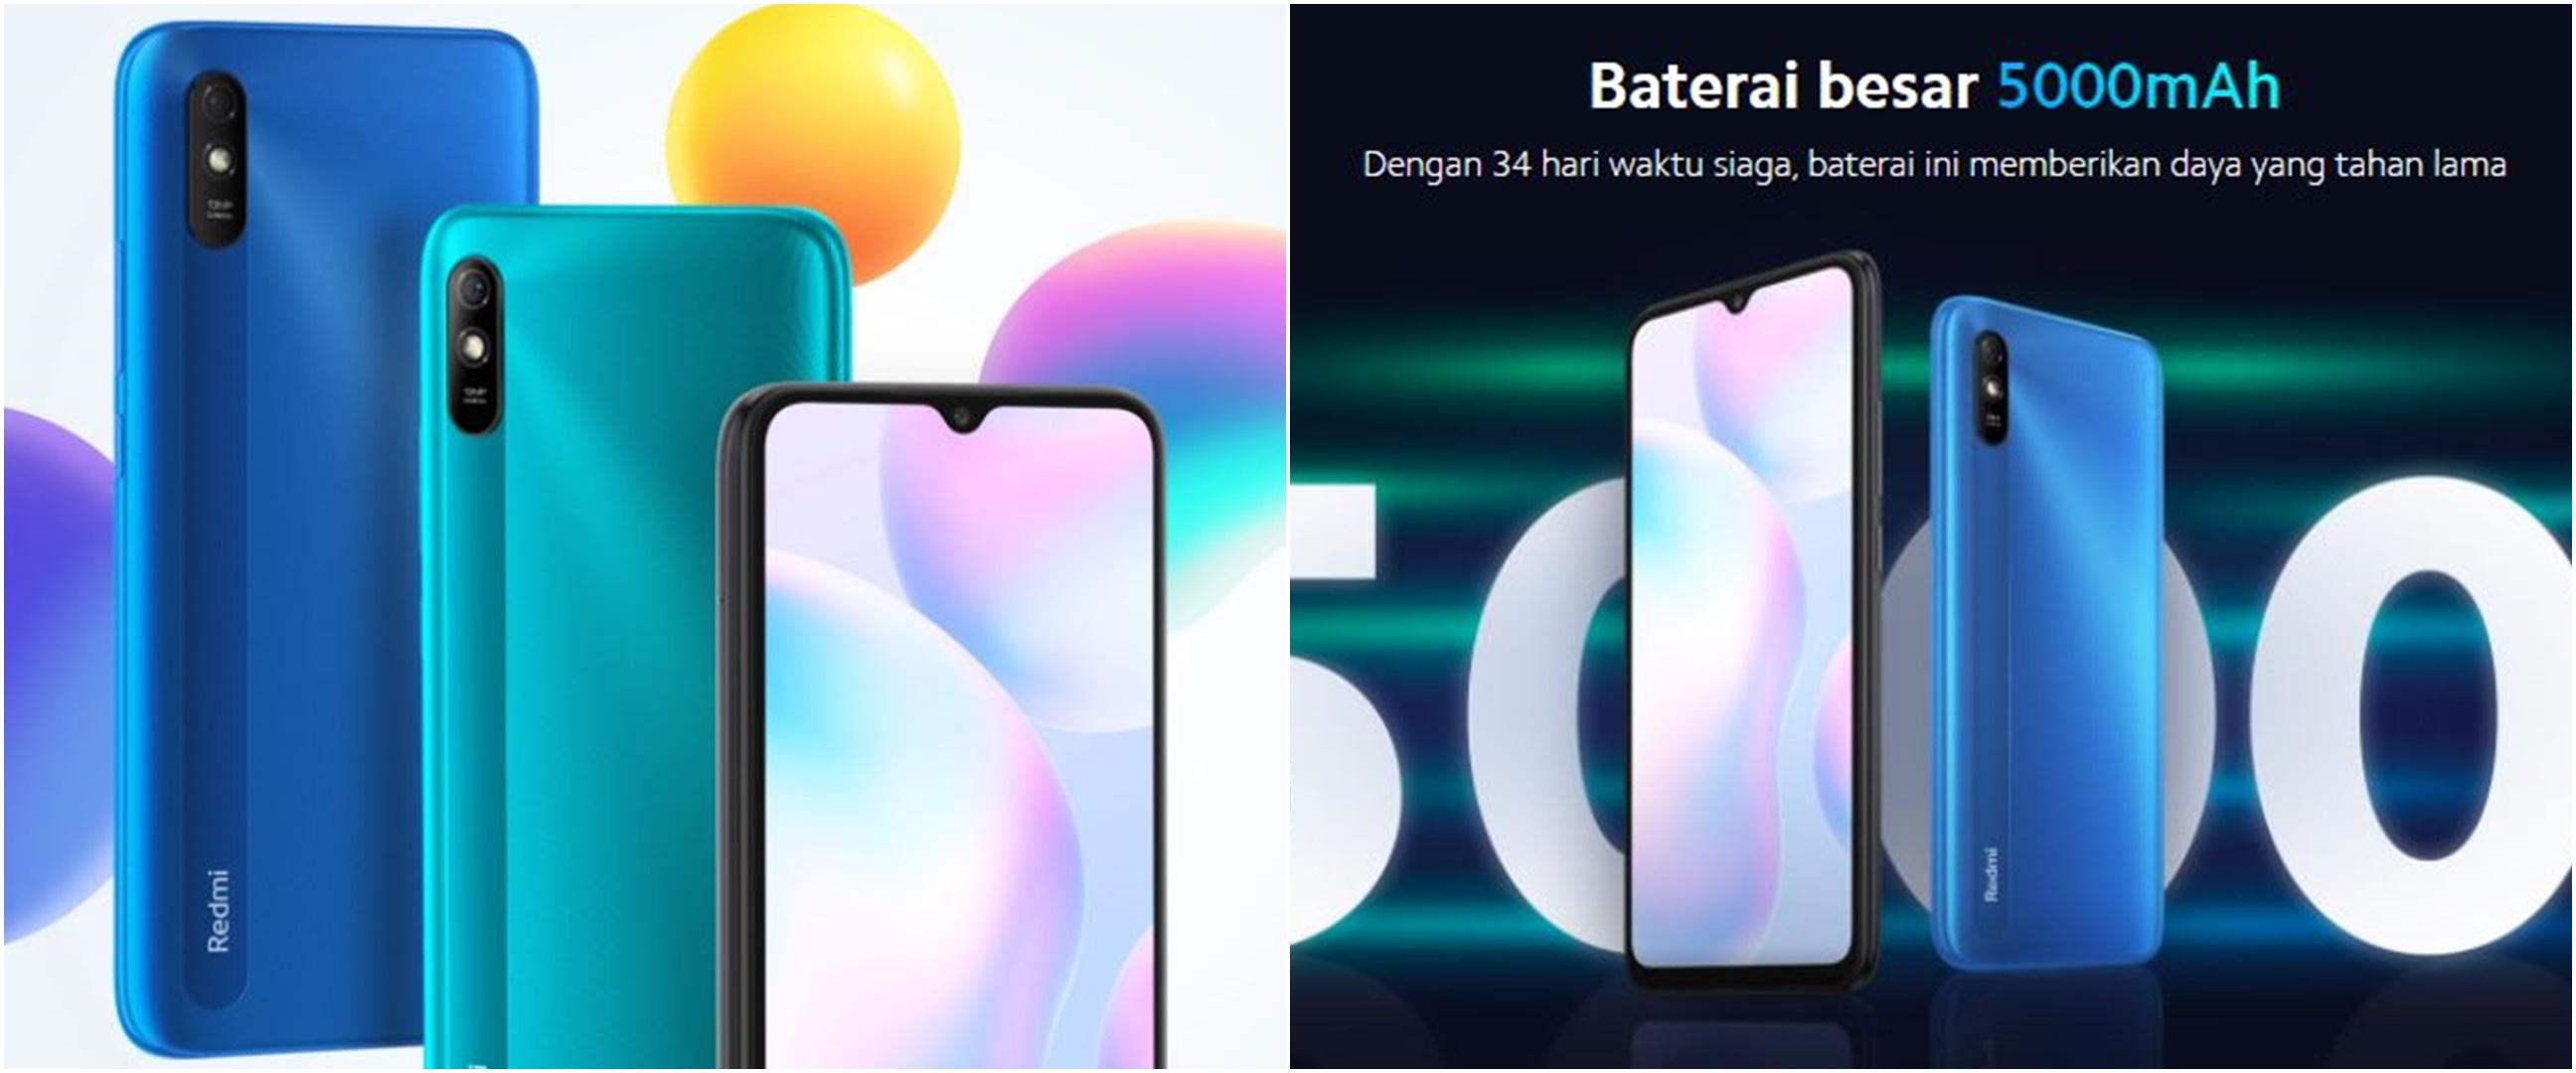 Harga Xiaomi Redmi 9A, serta spesifikasi, kelebihan dan kekurangannya